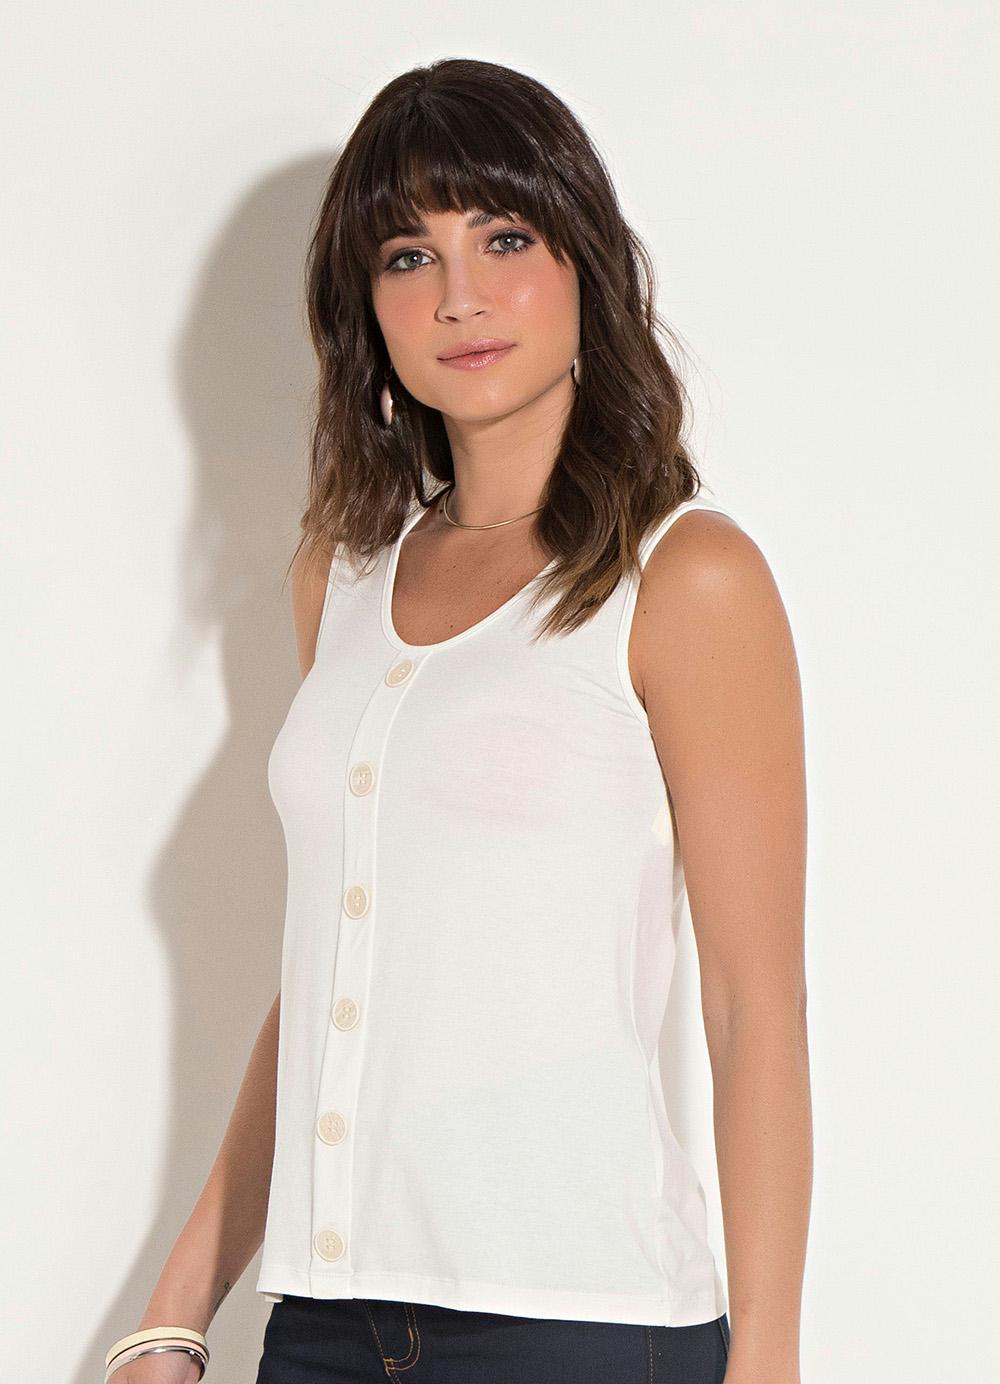 ca337d256 Blusa Quintess Off White com Botões Decorativos - Quintess